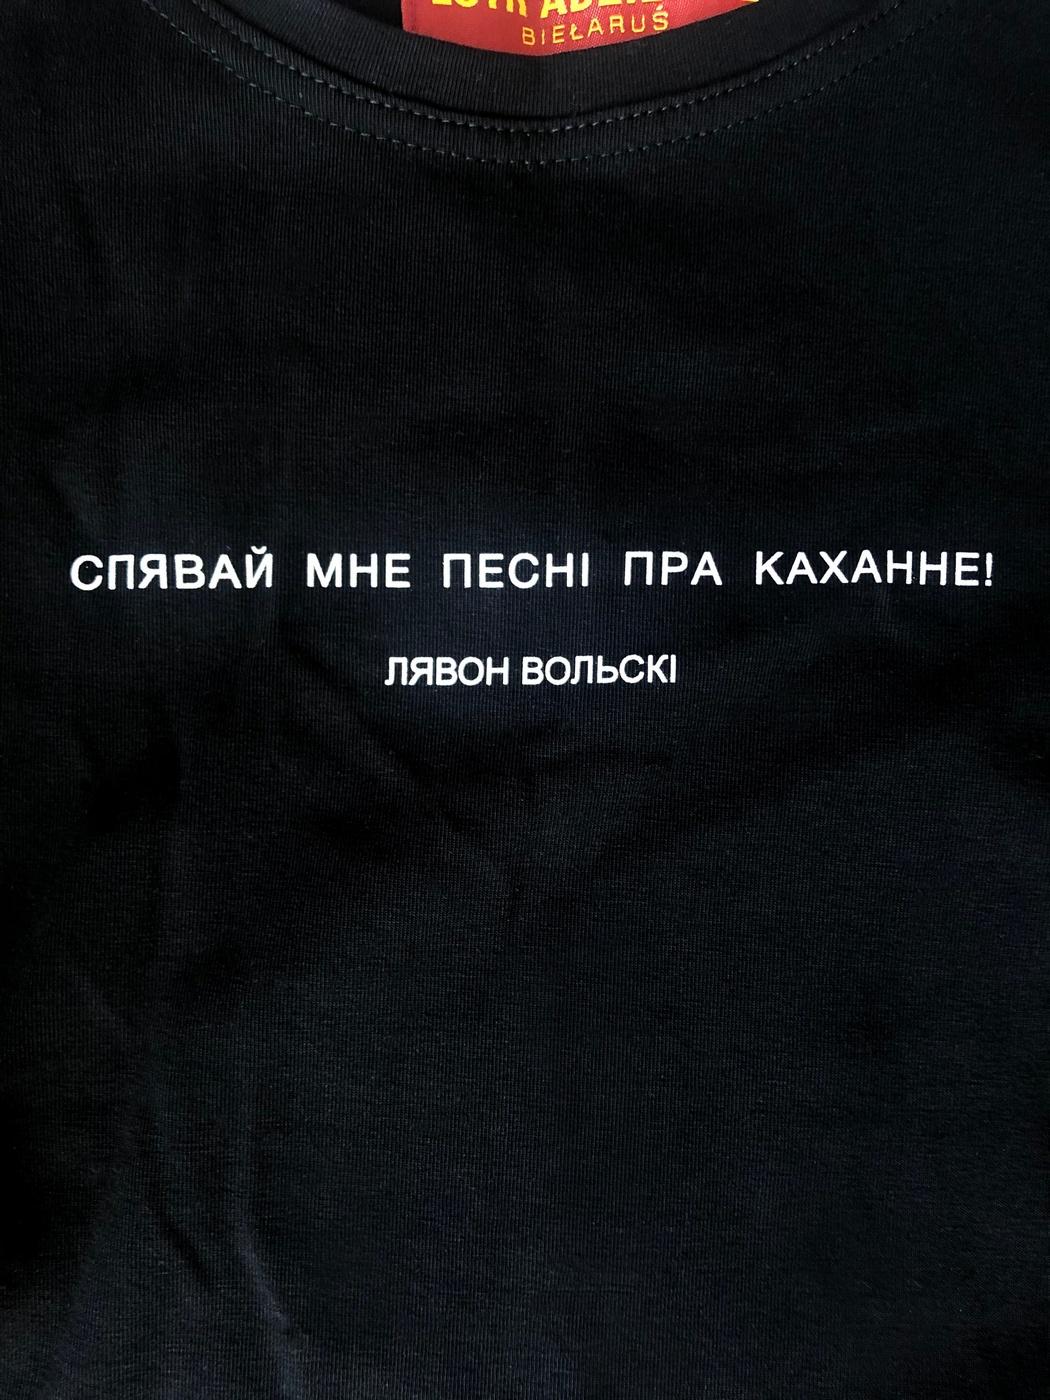 """Цішотка """"Вольскі"""" Унісэкс"""